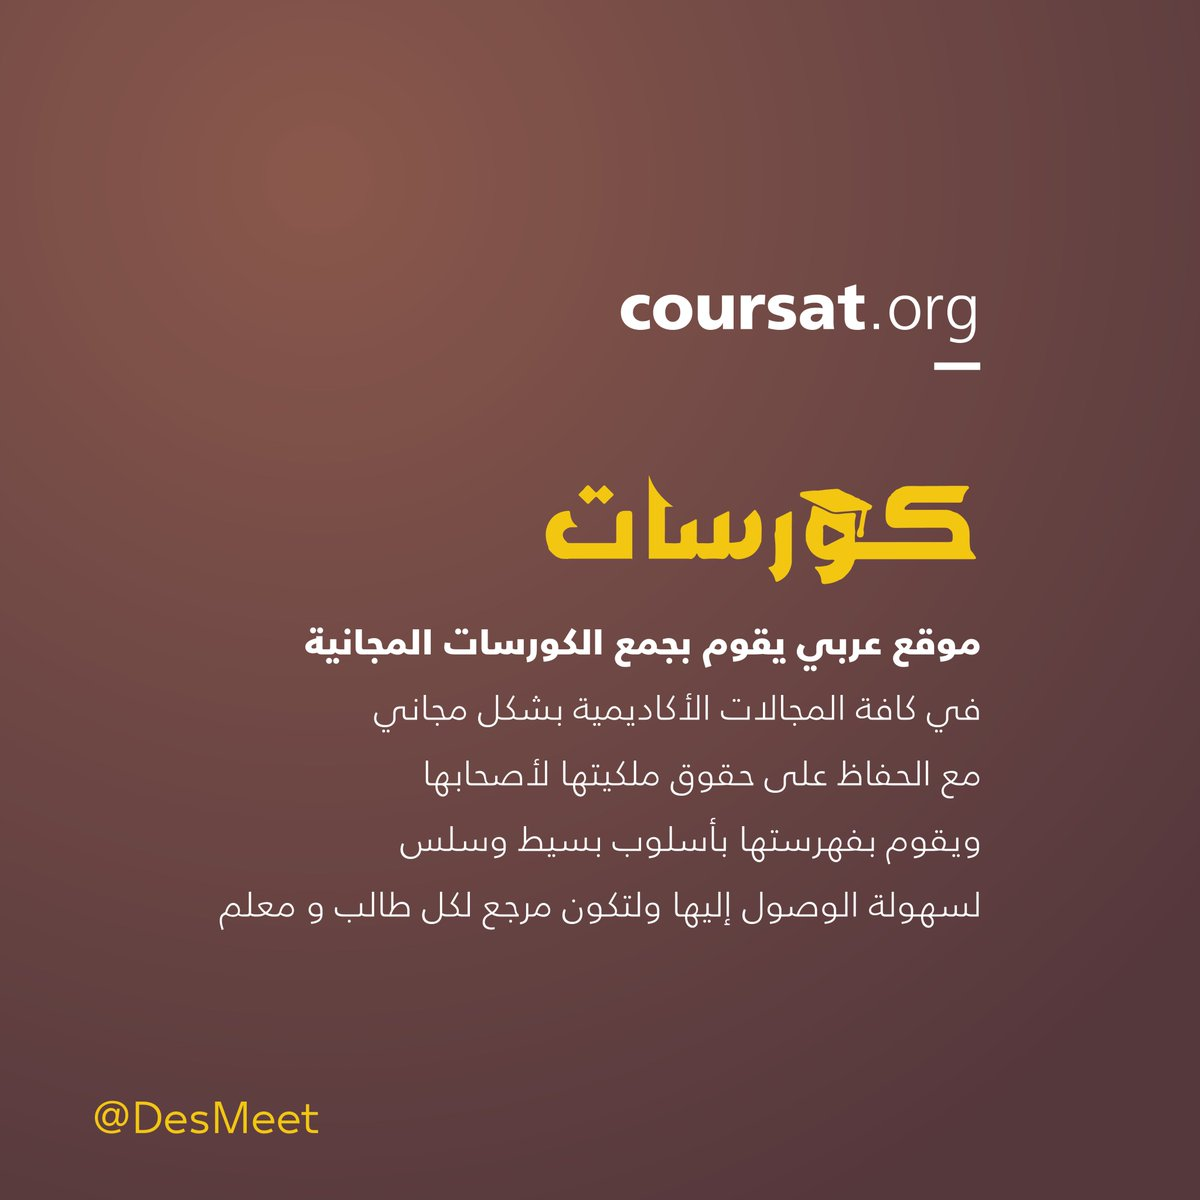 3eeea10e5 استثمر وقتك في الصيف وتعلم الكثير من المهارات من خلال هذا الموقع الذي يضم  حتى الآن ٩١٠٠ درس، في مجالات مختلفة http://www.coursat.org  .pic.twitter.com/ ...